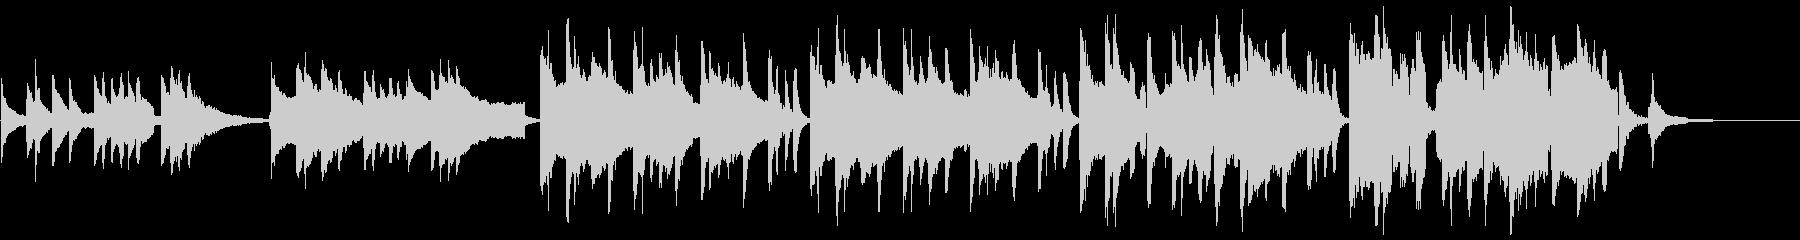 琴と尺八で古風な和を表現した風情のある曲の未再生の波形